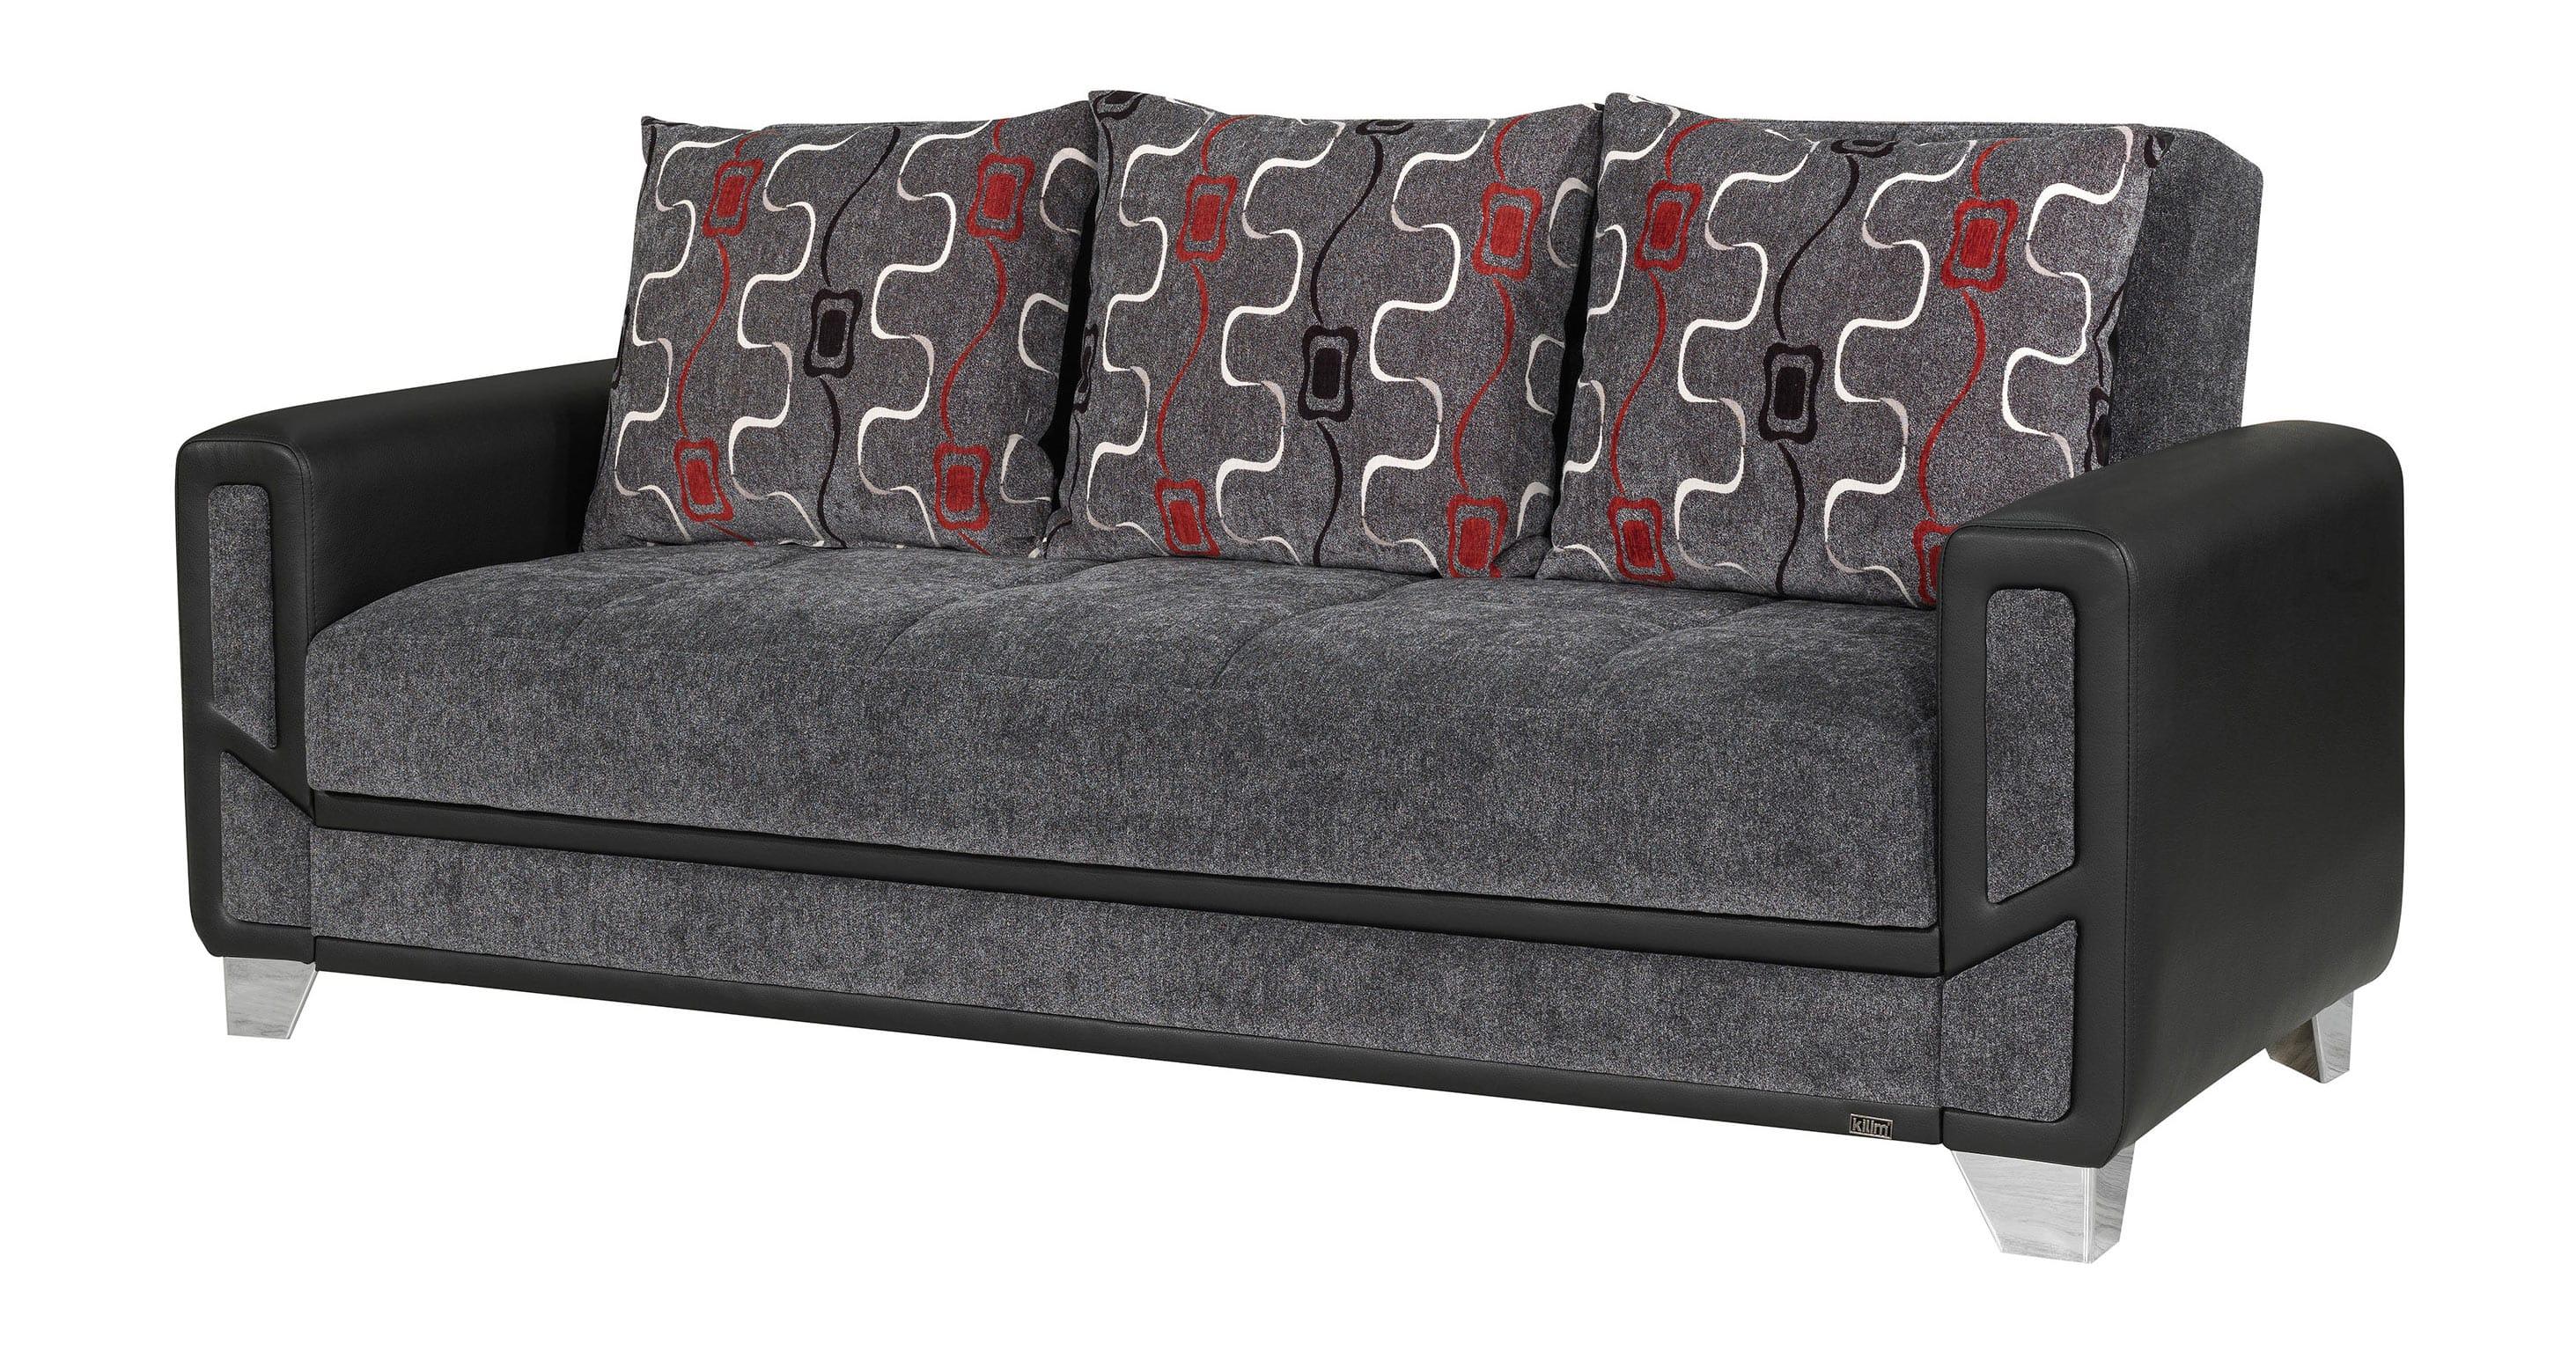 Sofa Bed Gray Diamond